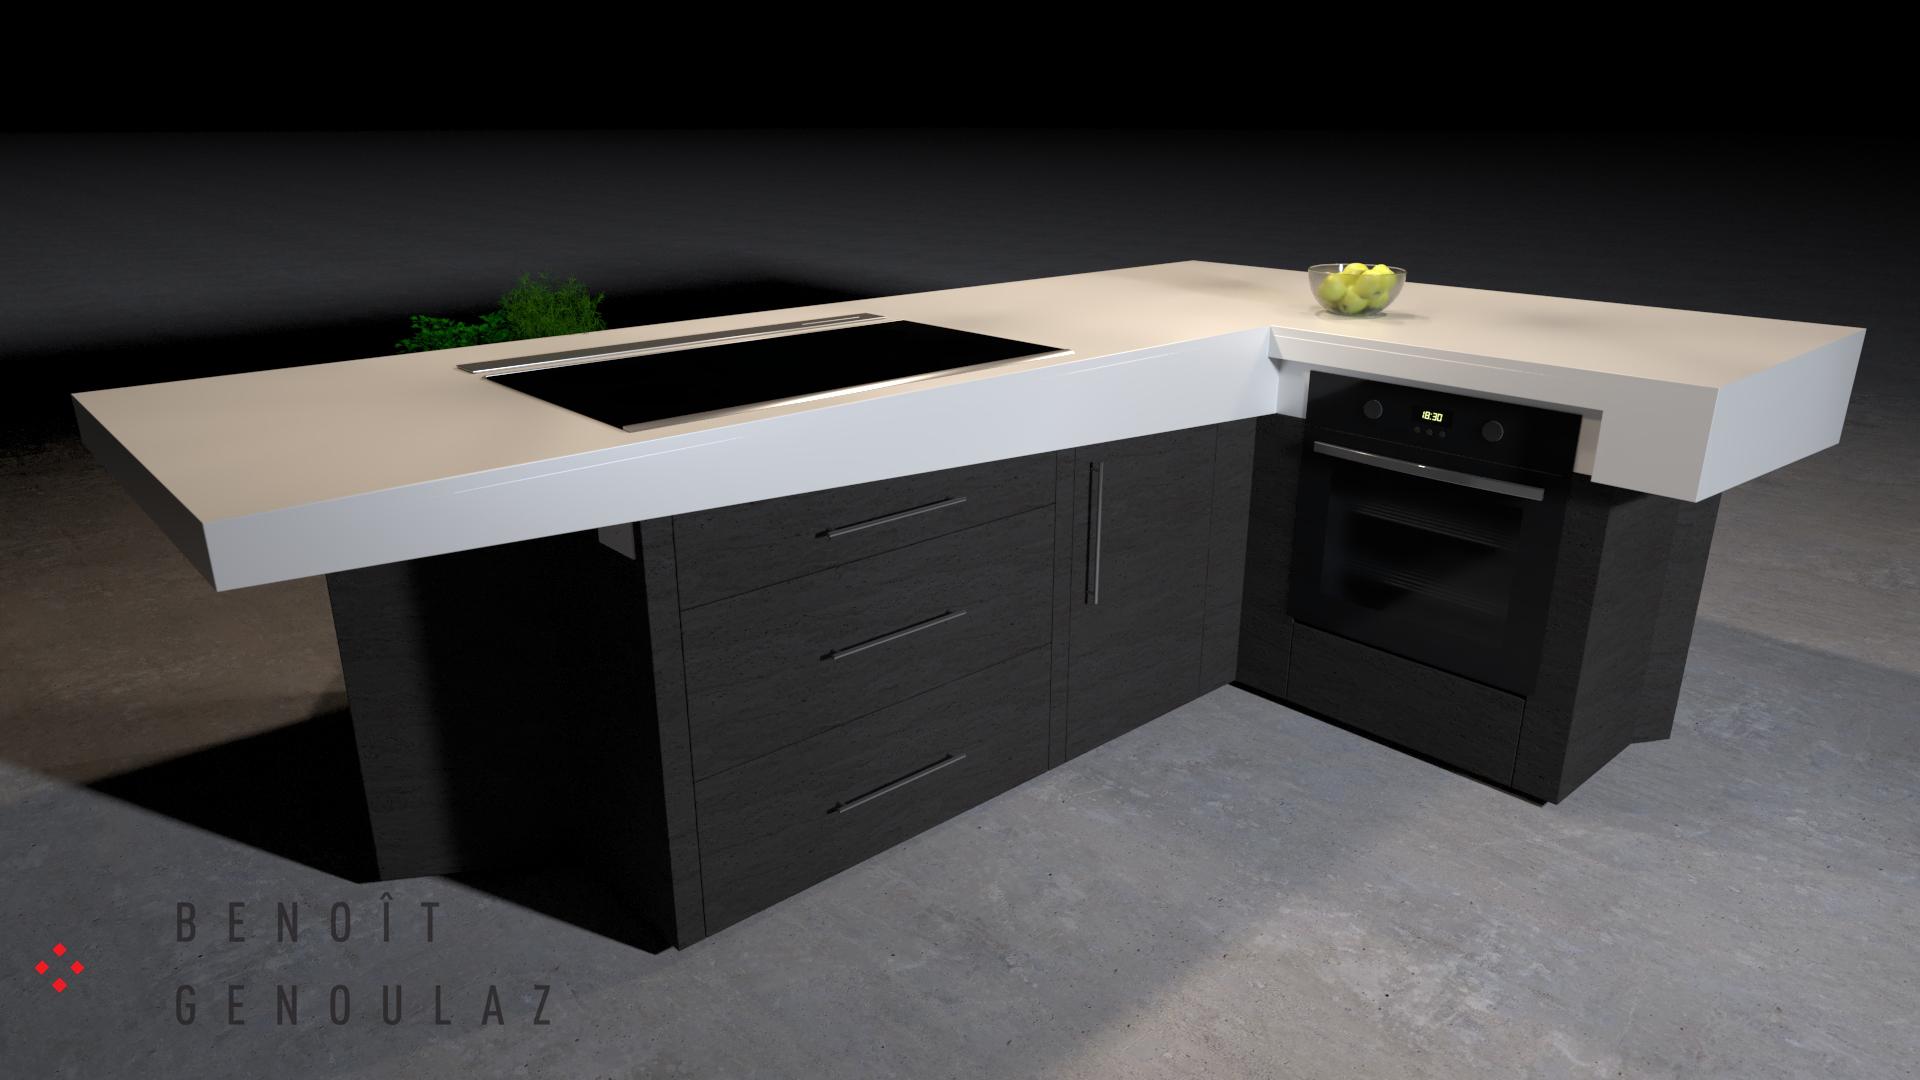 Vue intérieur d'un îlot de cuisine contemporain moderne est composé d'un comptoir en marbre en L aux faces non parallèle et désaxé de son socle.